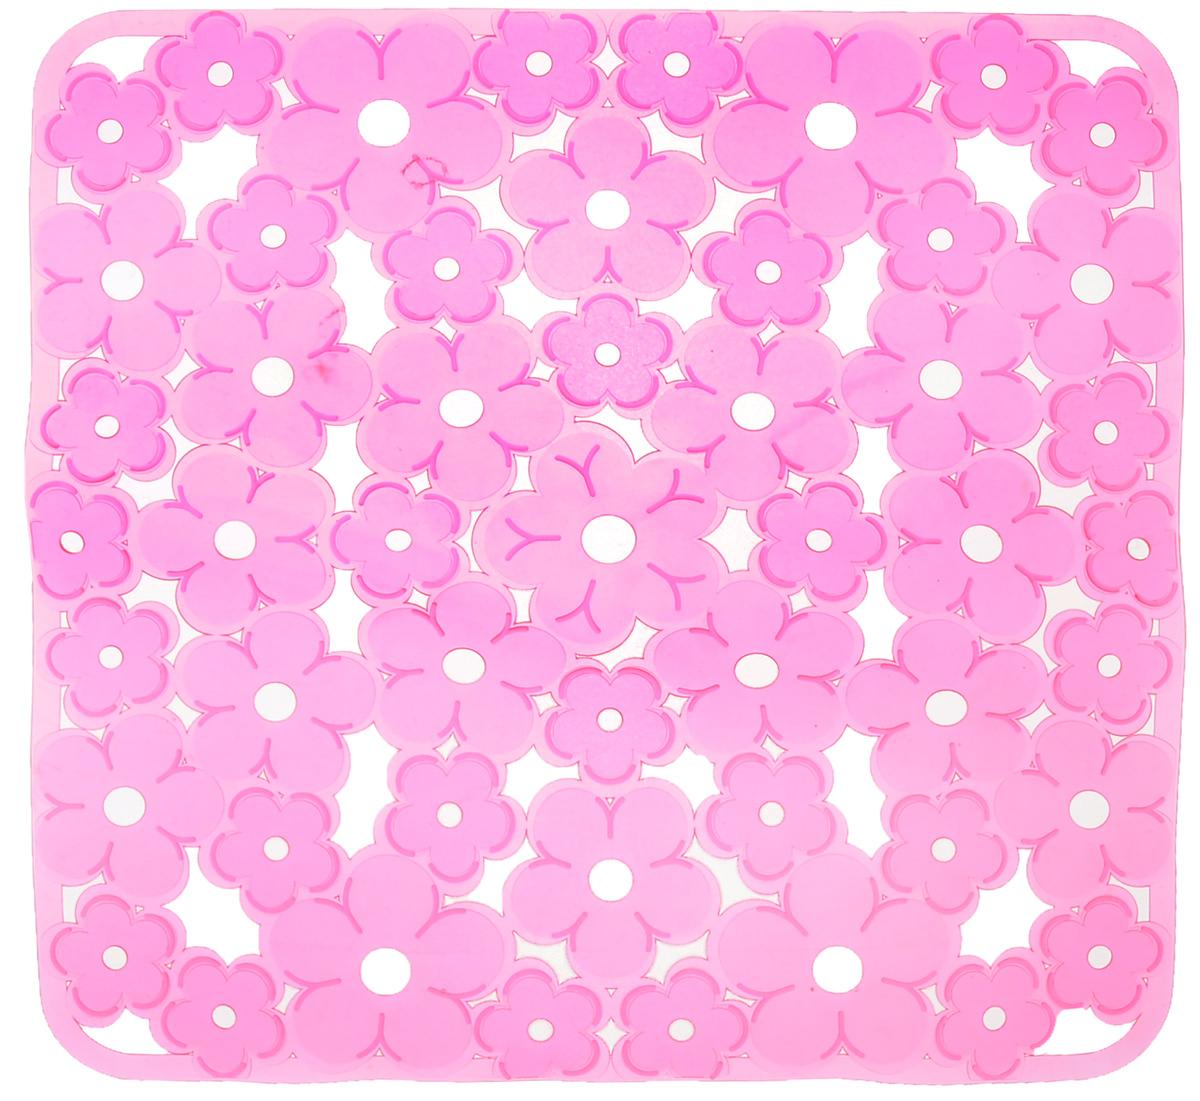 Коврик для раковины Metaltex, цвет: розовый, 32 х 32 см94672Коврик для раковины Metaltex изготовлен из ПВХ с цветочным рисунком. Изделие имеет квадратную форму с закругленными углами. Такой коврик защитит вашу посуду во время мытья, а также предотвратит засор труб, задерживая остатки пищи.